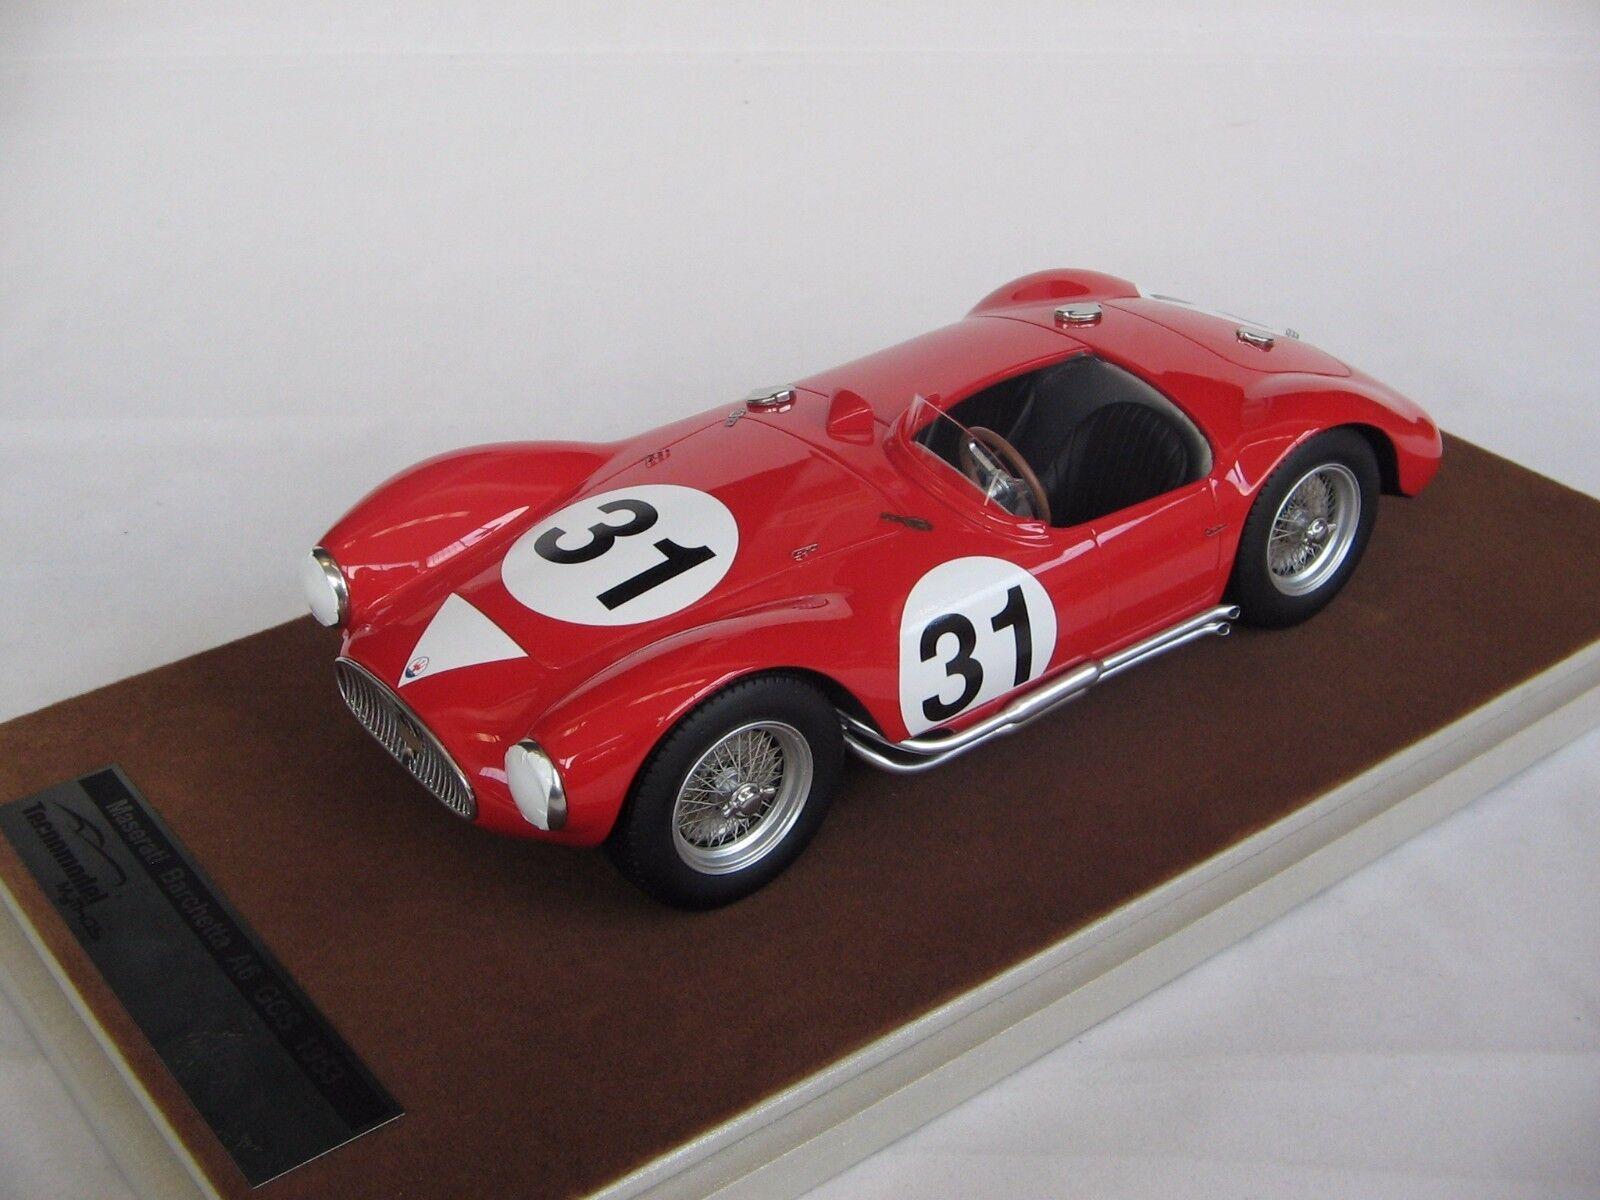 1 18 scale Tecnomodel Maserati A6 GCS Le Mans 24h 1955 car  31 - TM18-44D